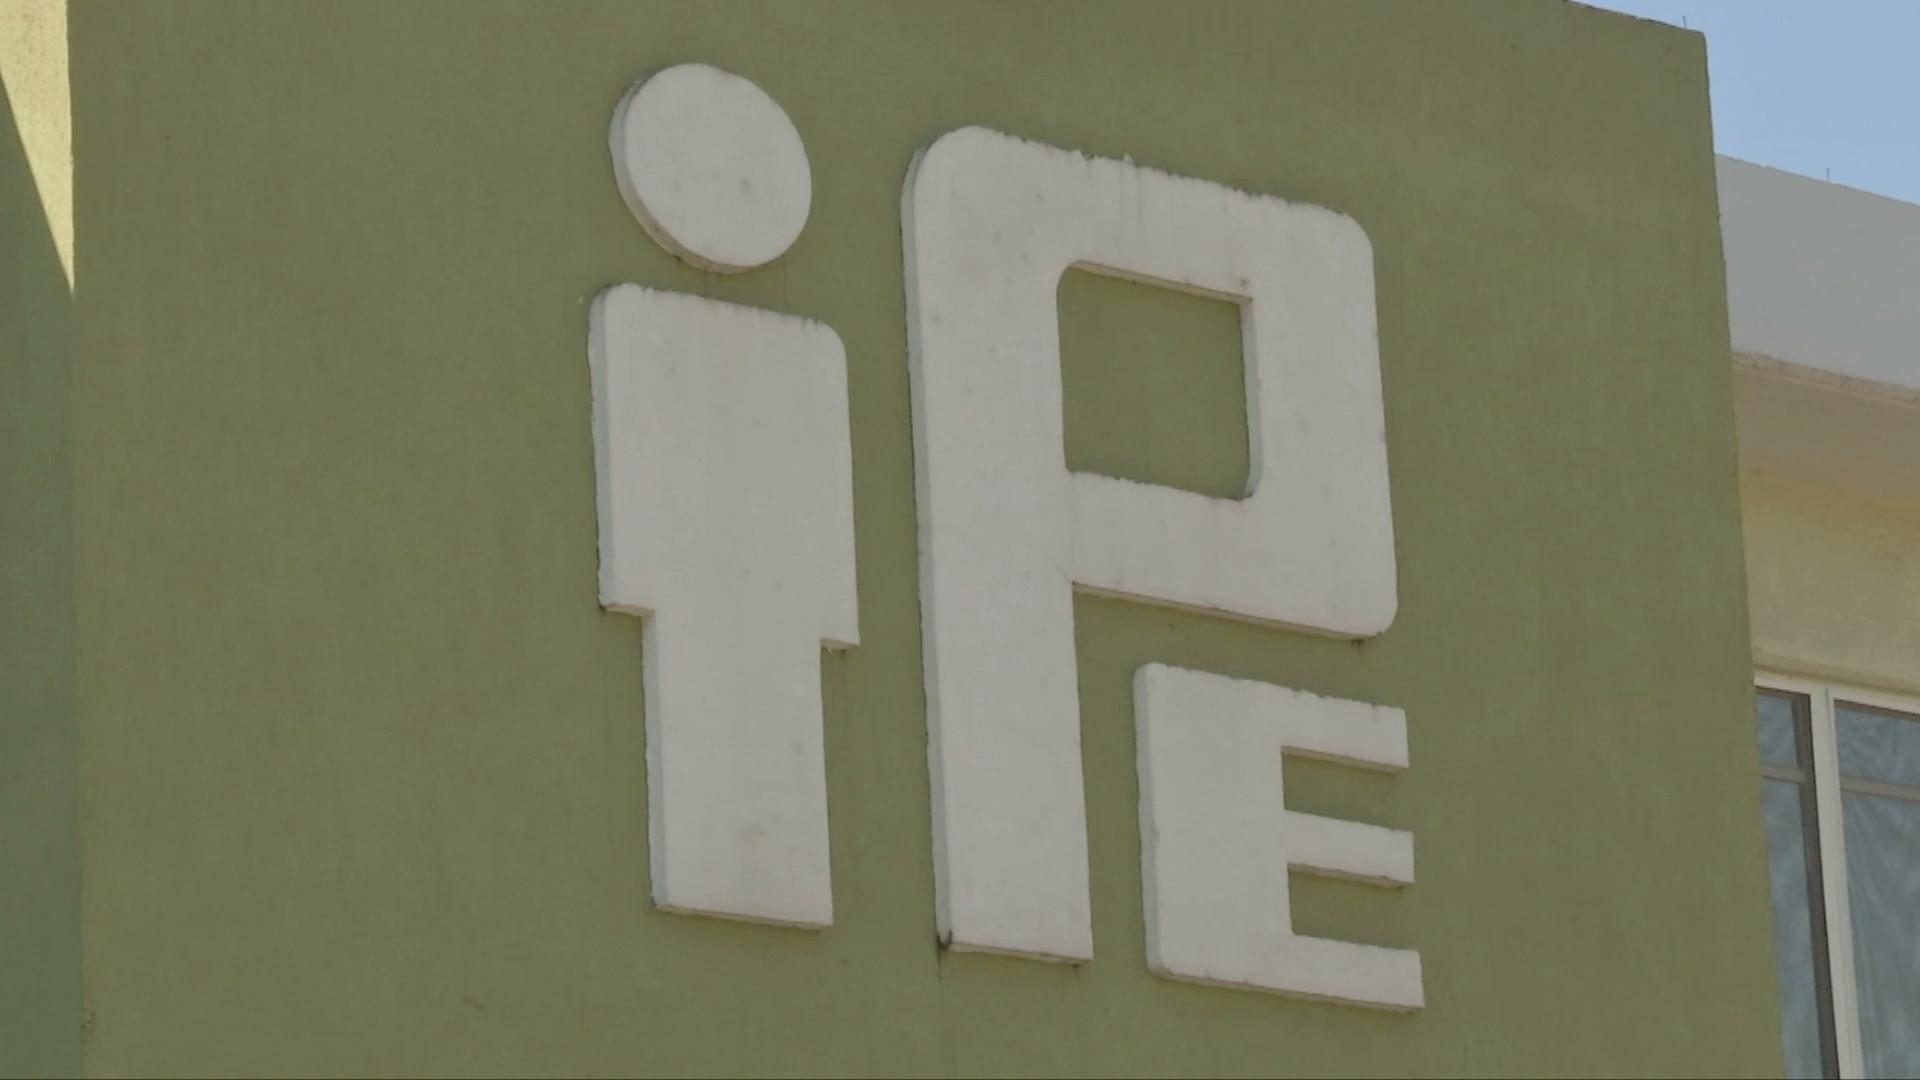 Otorgar viabilidad y estabilidad financiera al IPE será un proceso difícil